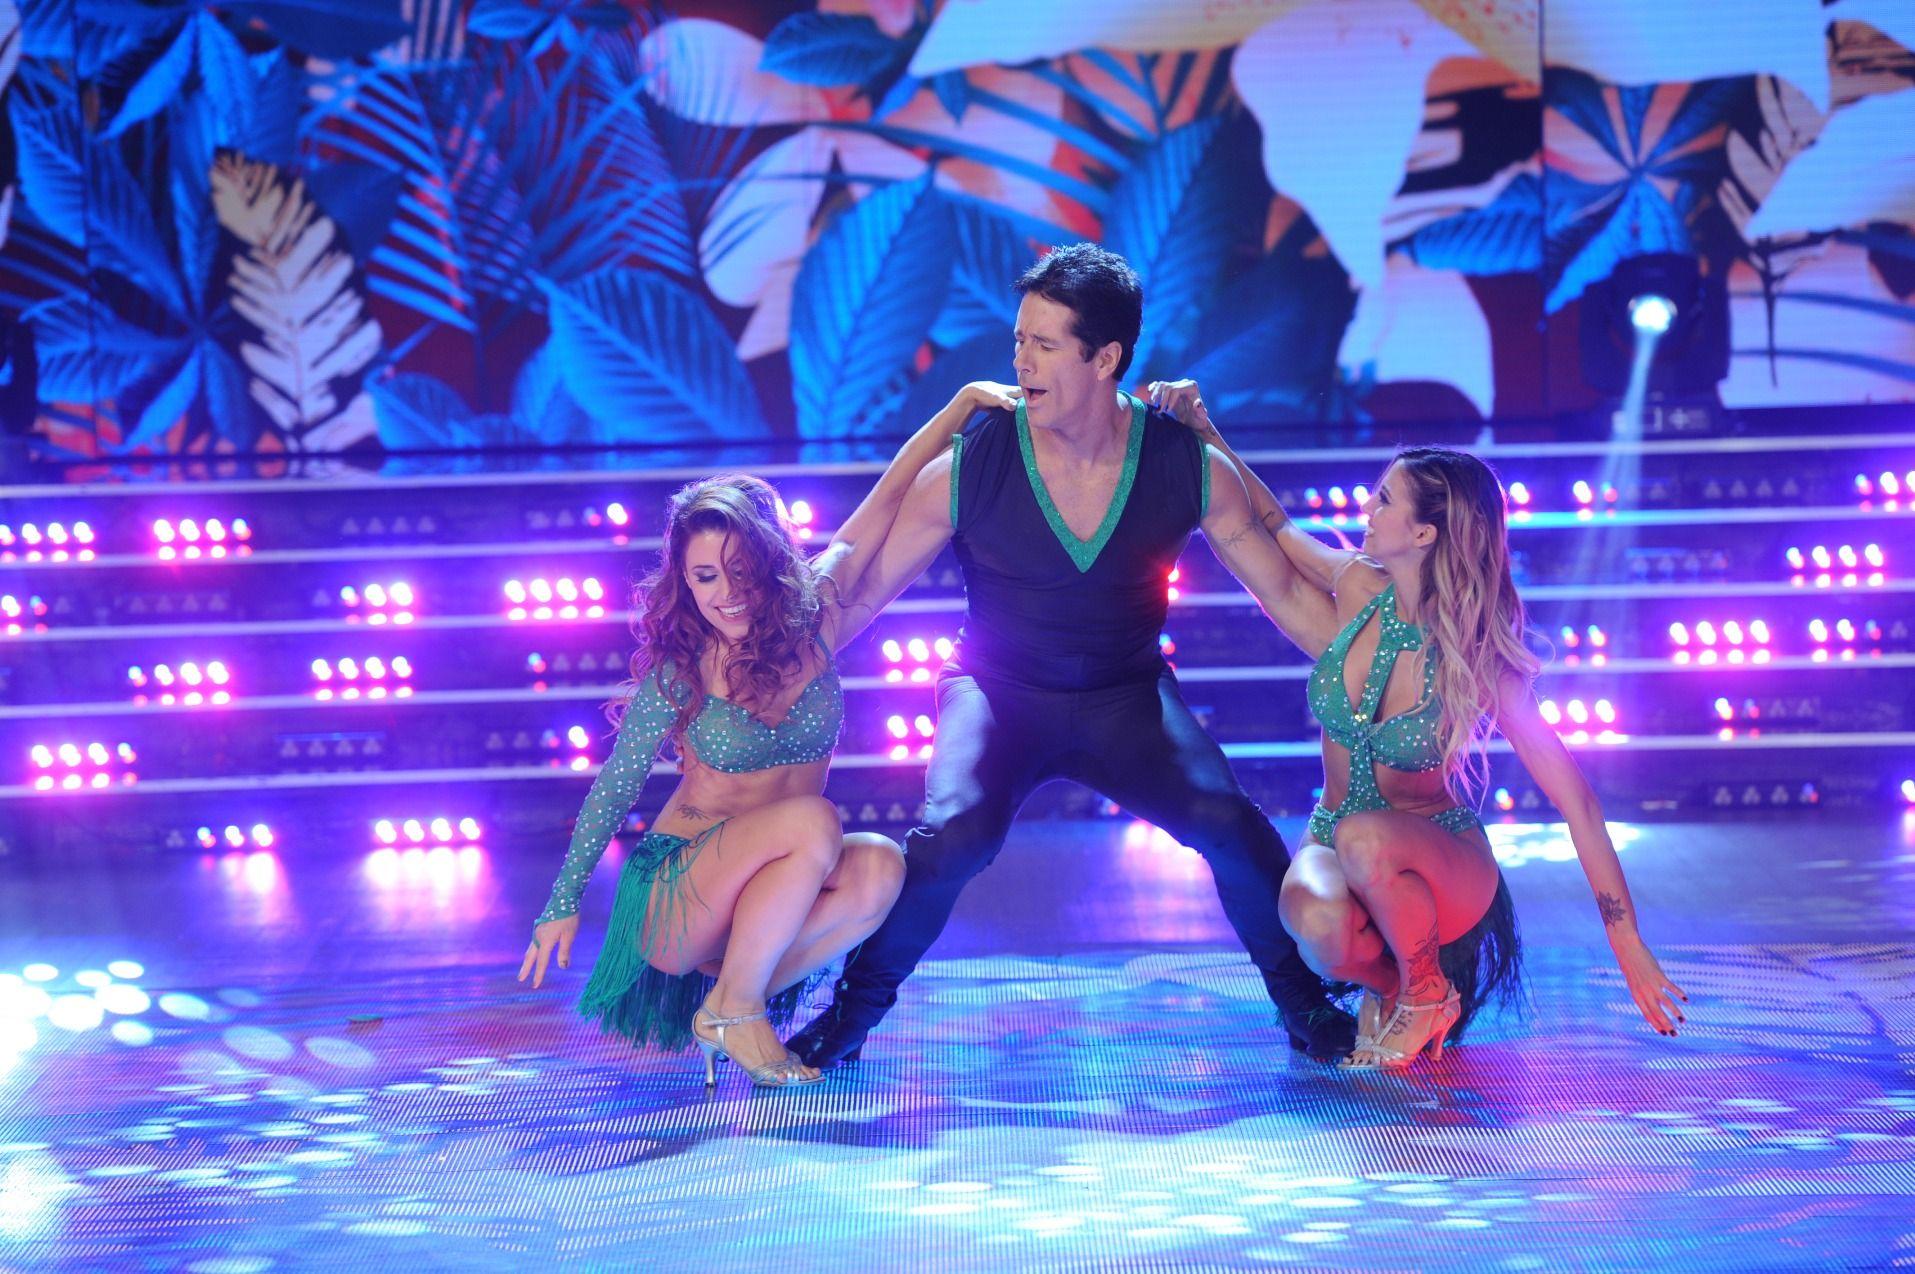 ¡Imparables! El apasionado (y largo) beso de Mariana Brey y Fernando Carrillo en la salsa en trío